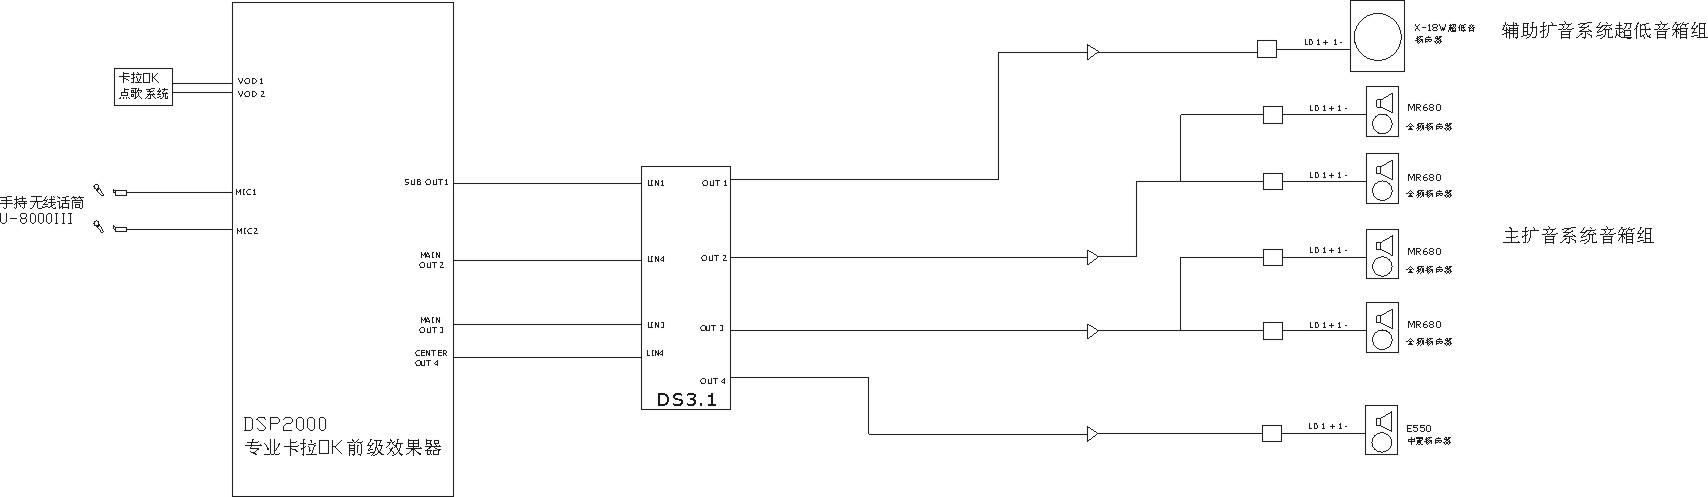 vip卡拉ok房(50平方)配置方案 2009-6-2 10:21:12